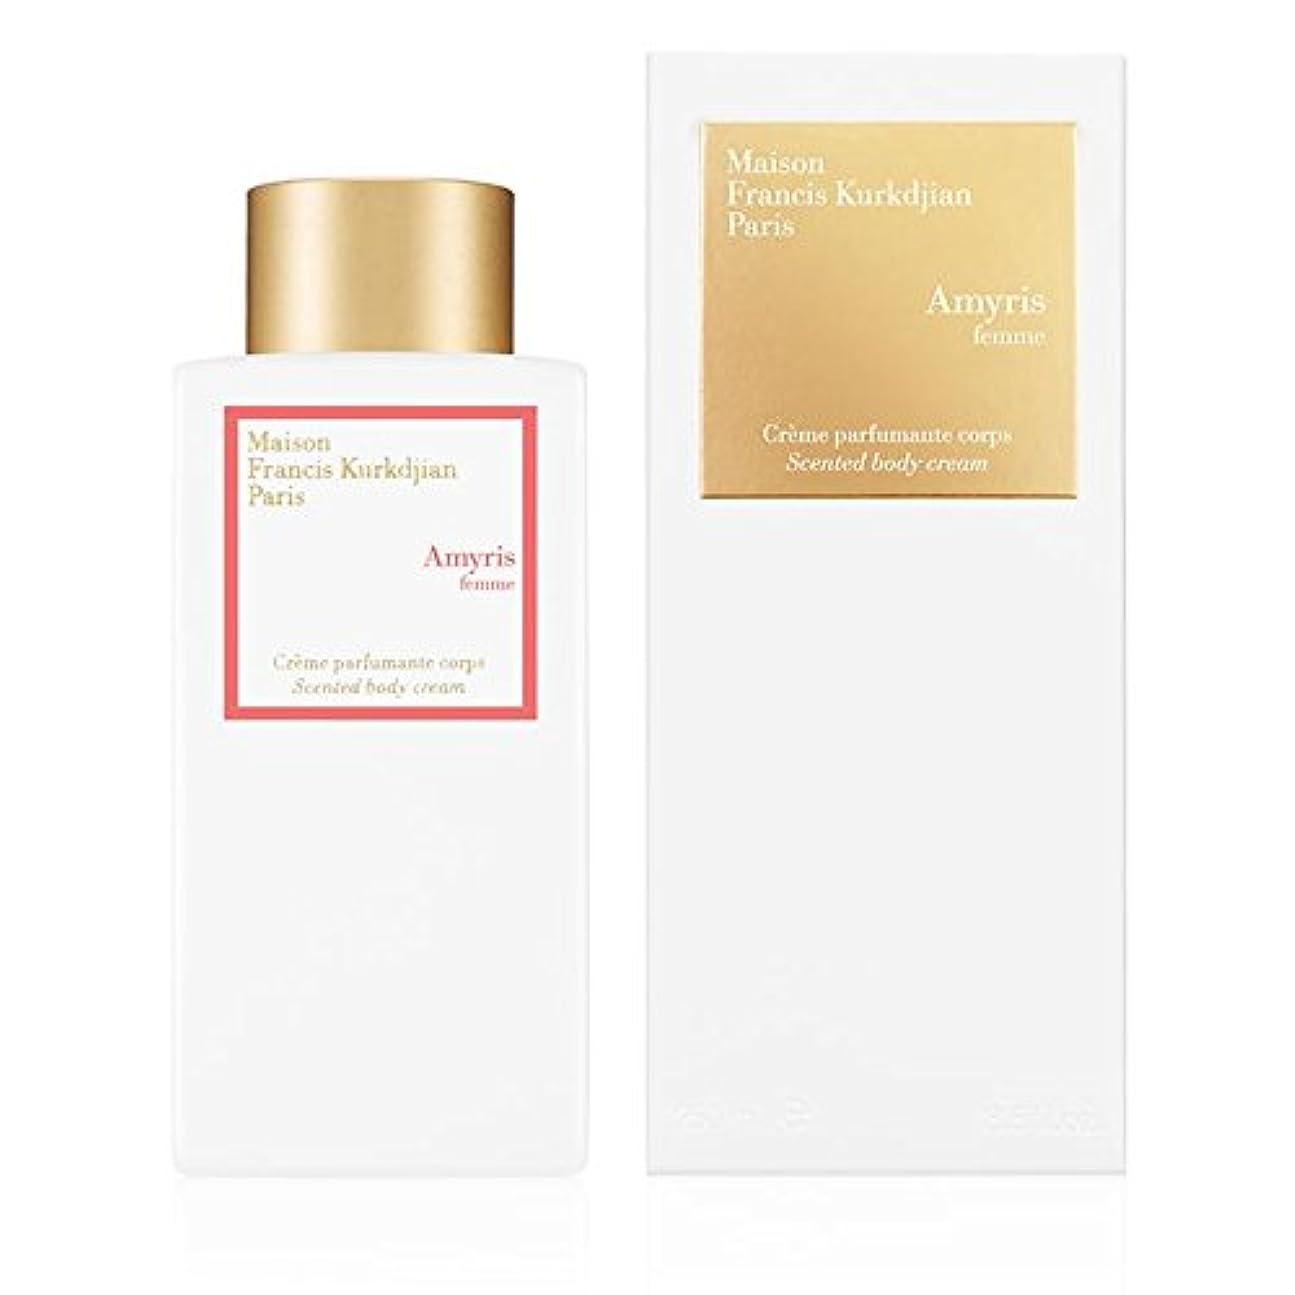 相手コンセンサスひねくれたメゾン フランシス クルジャン アミリス ファム センテッド ボディクリーム 250ml(Maison Francis Kurkdjian Amyris Femme Scented Body Cream 250ml)[海外直送品...